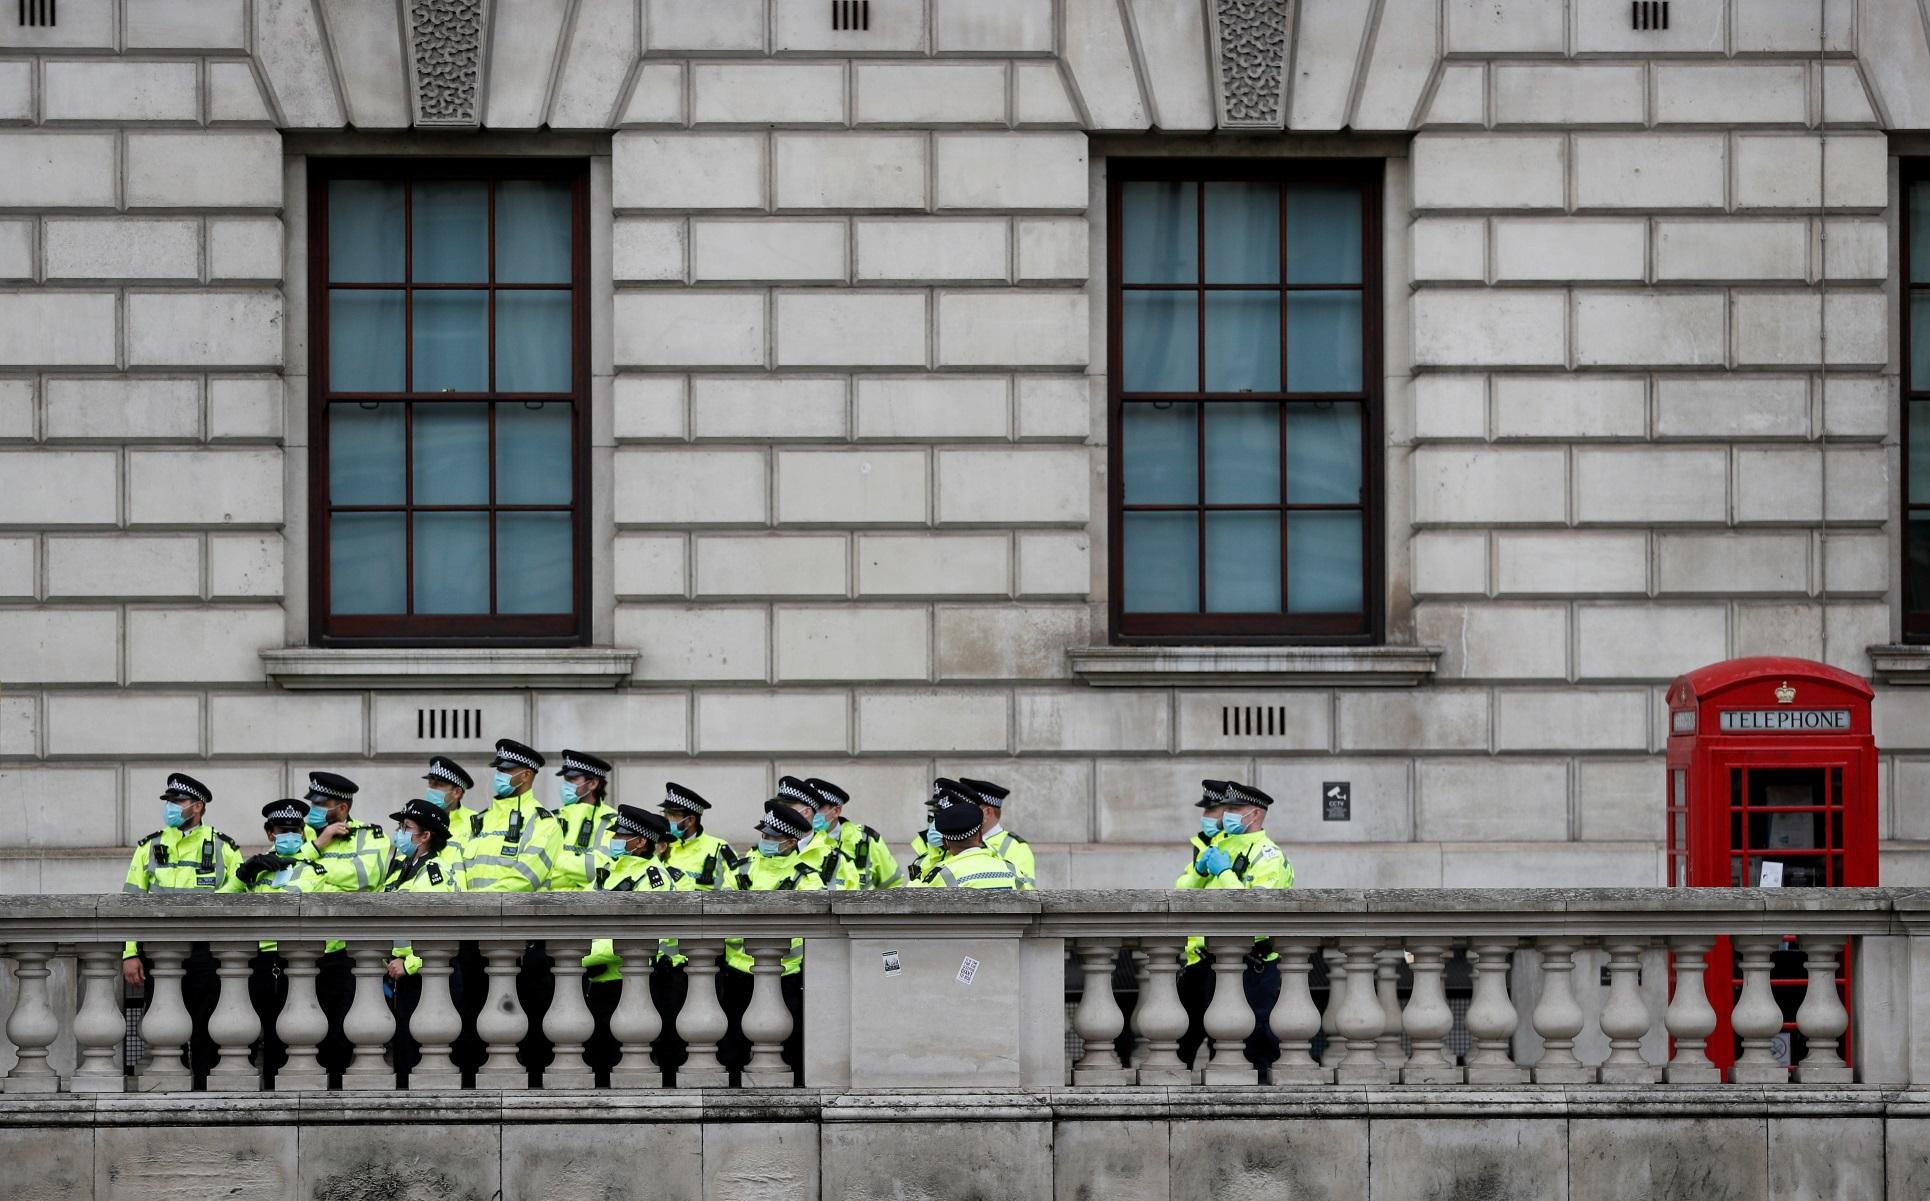 Ηνωμένο Βασίλειο: Ο αρχηγός της MI5 προειδοποιεί για απειλές από εχθρικές χώρες